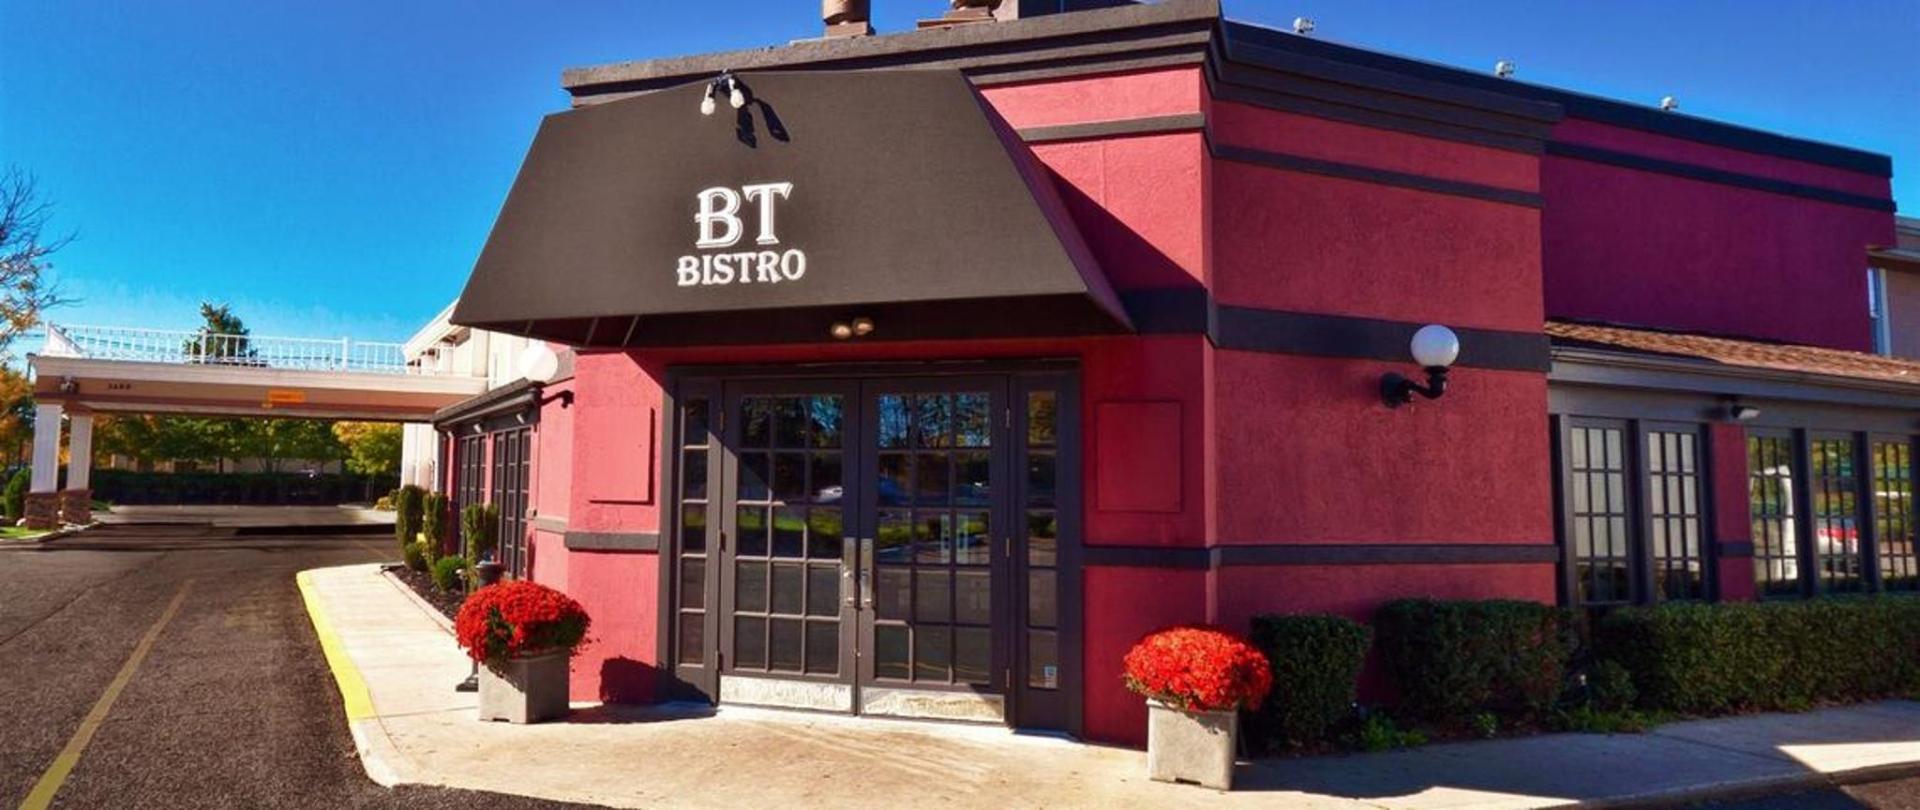 bt-bistro-eingang.jpg.1140x481_0_290_5937.jpg